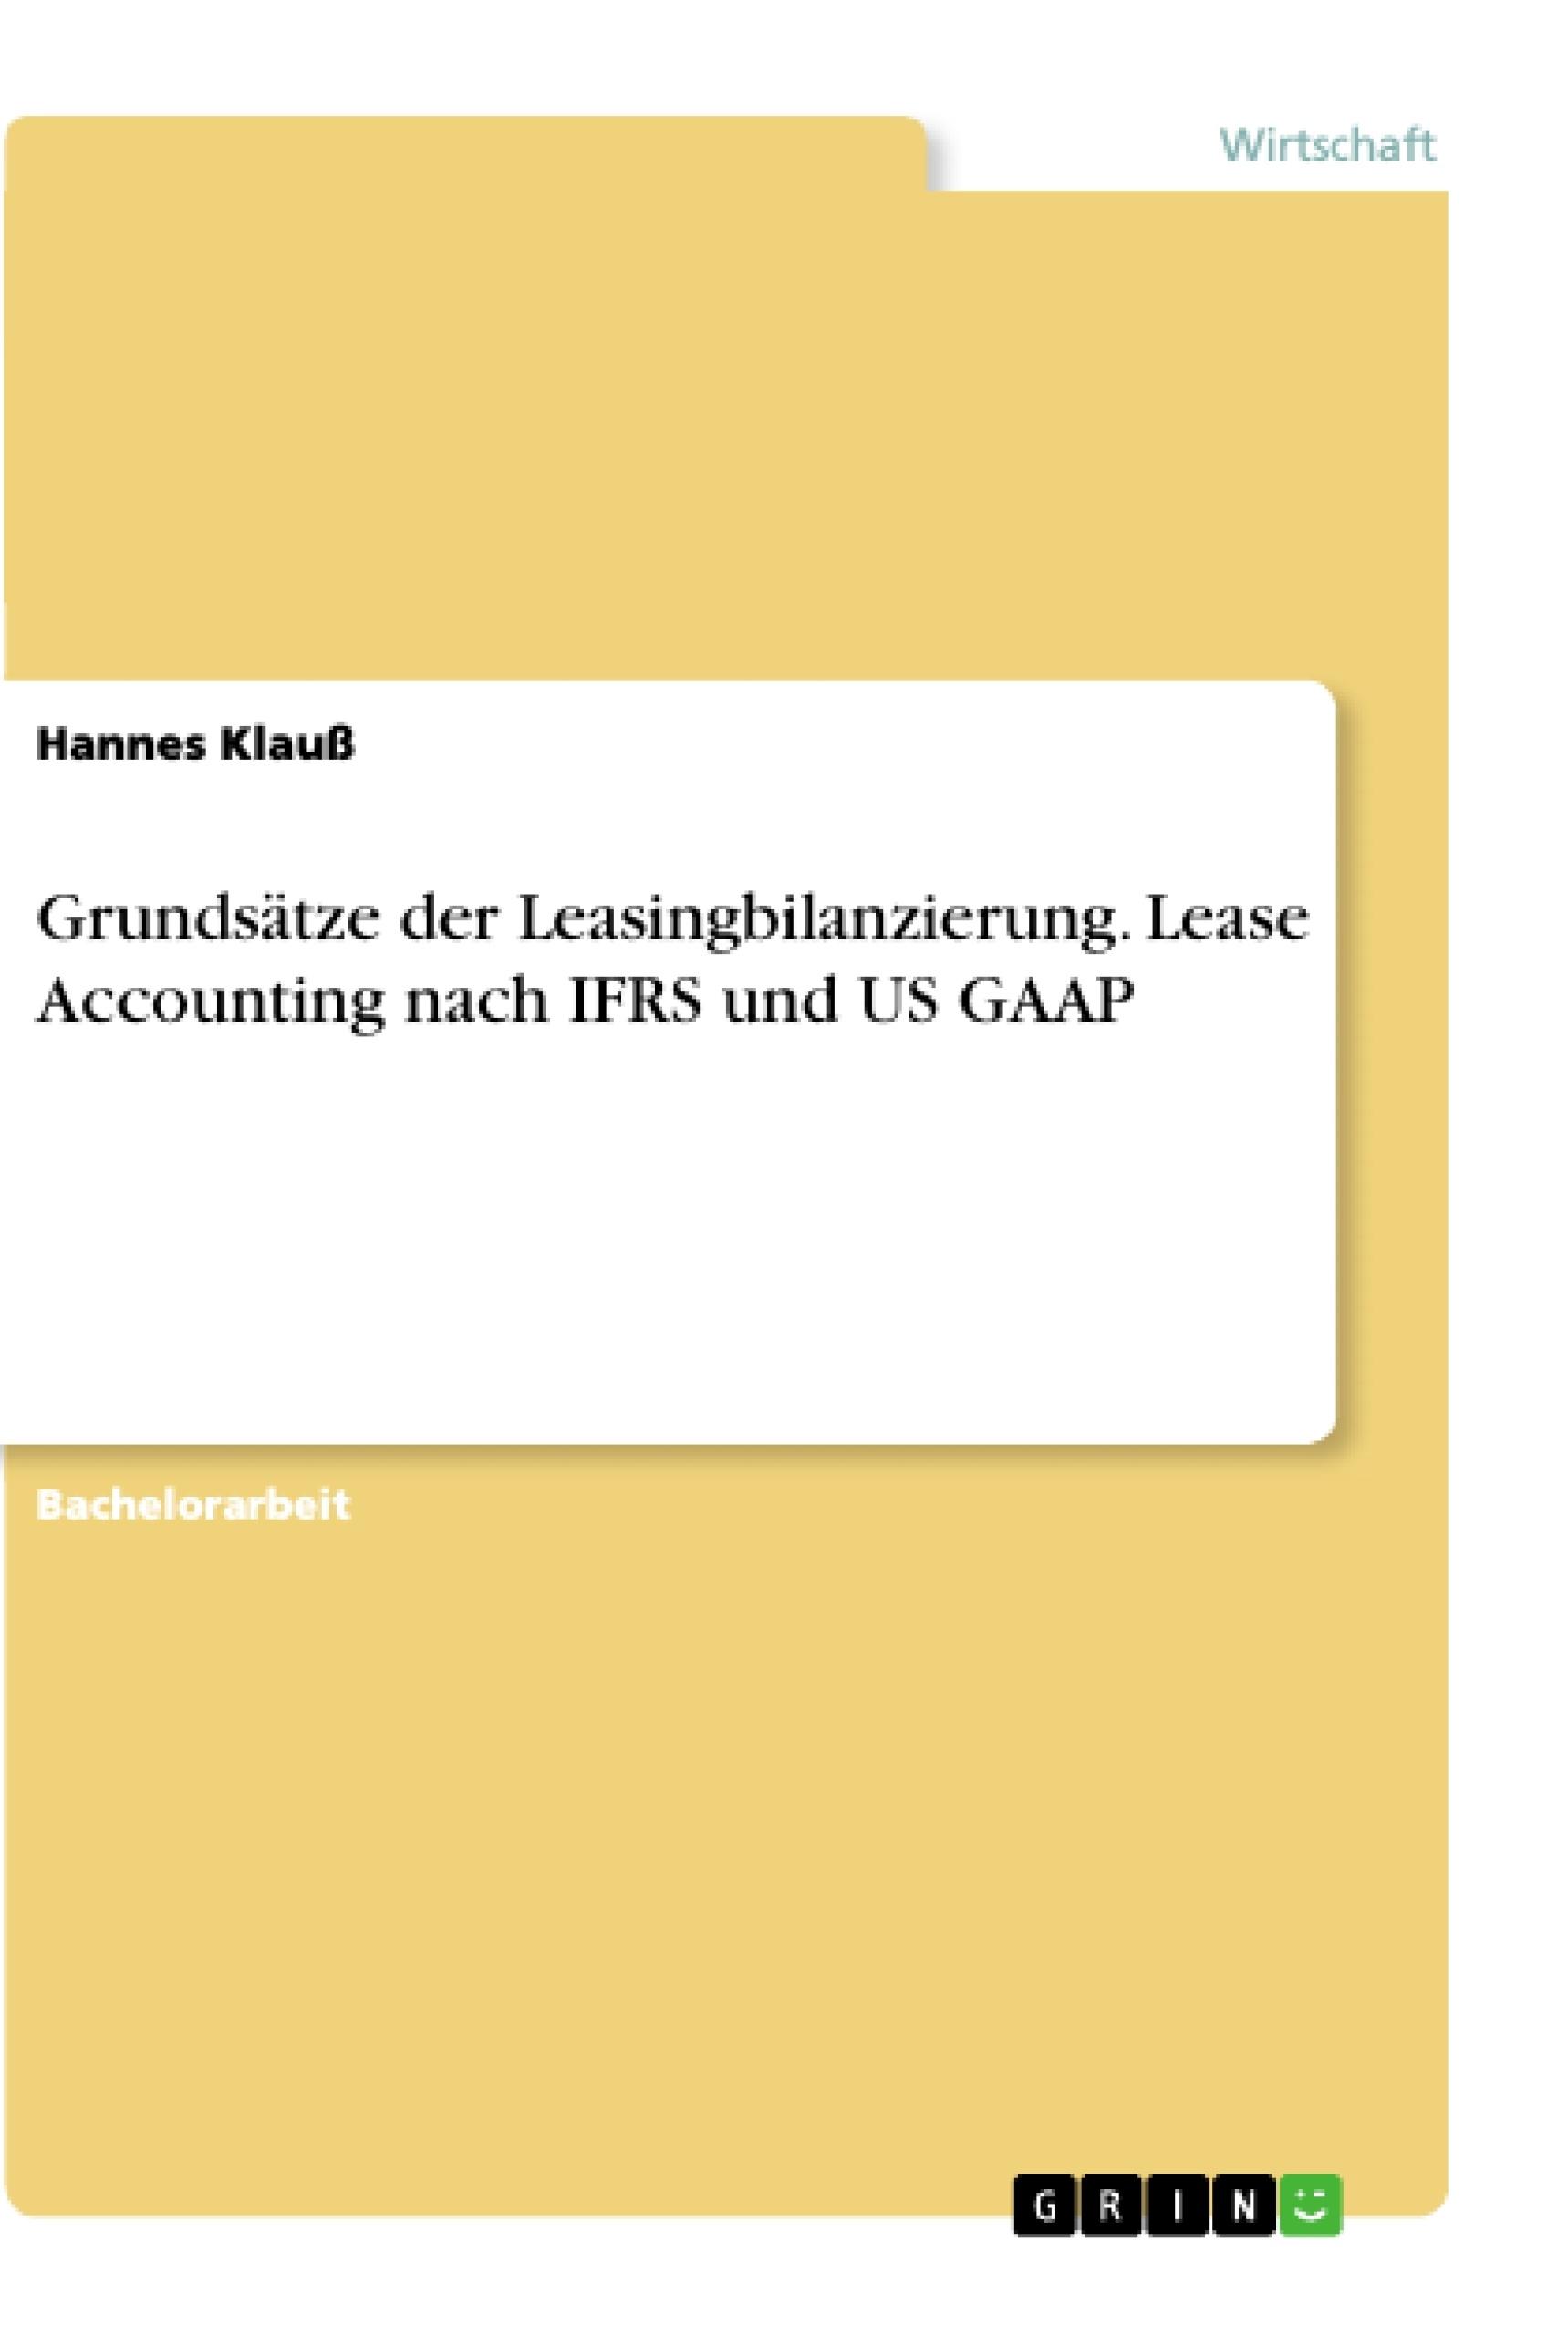 Titel: Grundsätze der Leasingbilanzierung. Lease Accounting nach IFRS und US GAAP